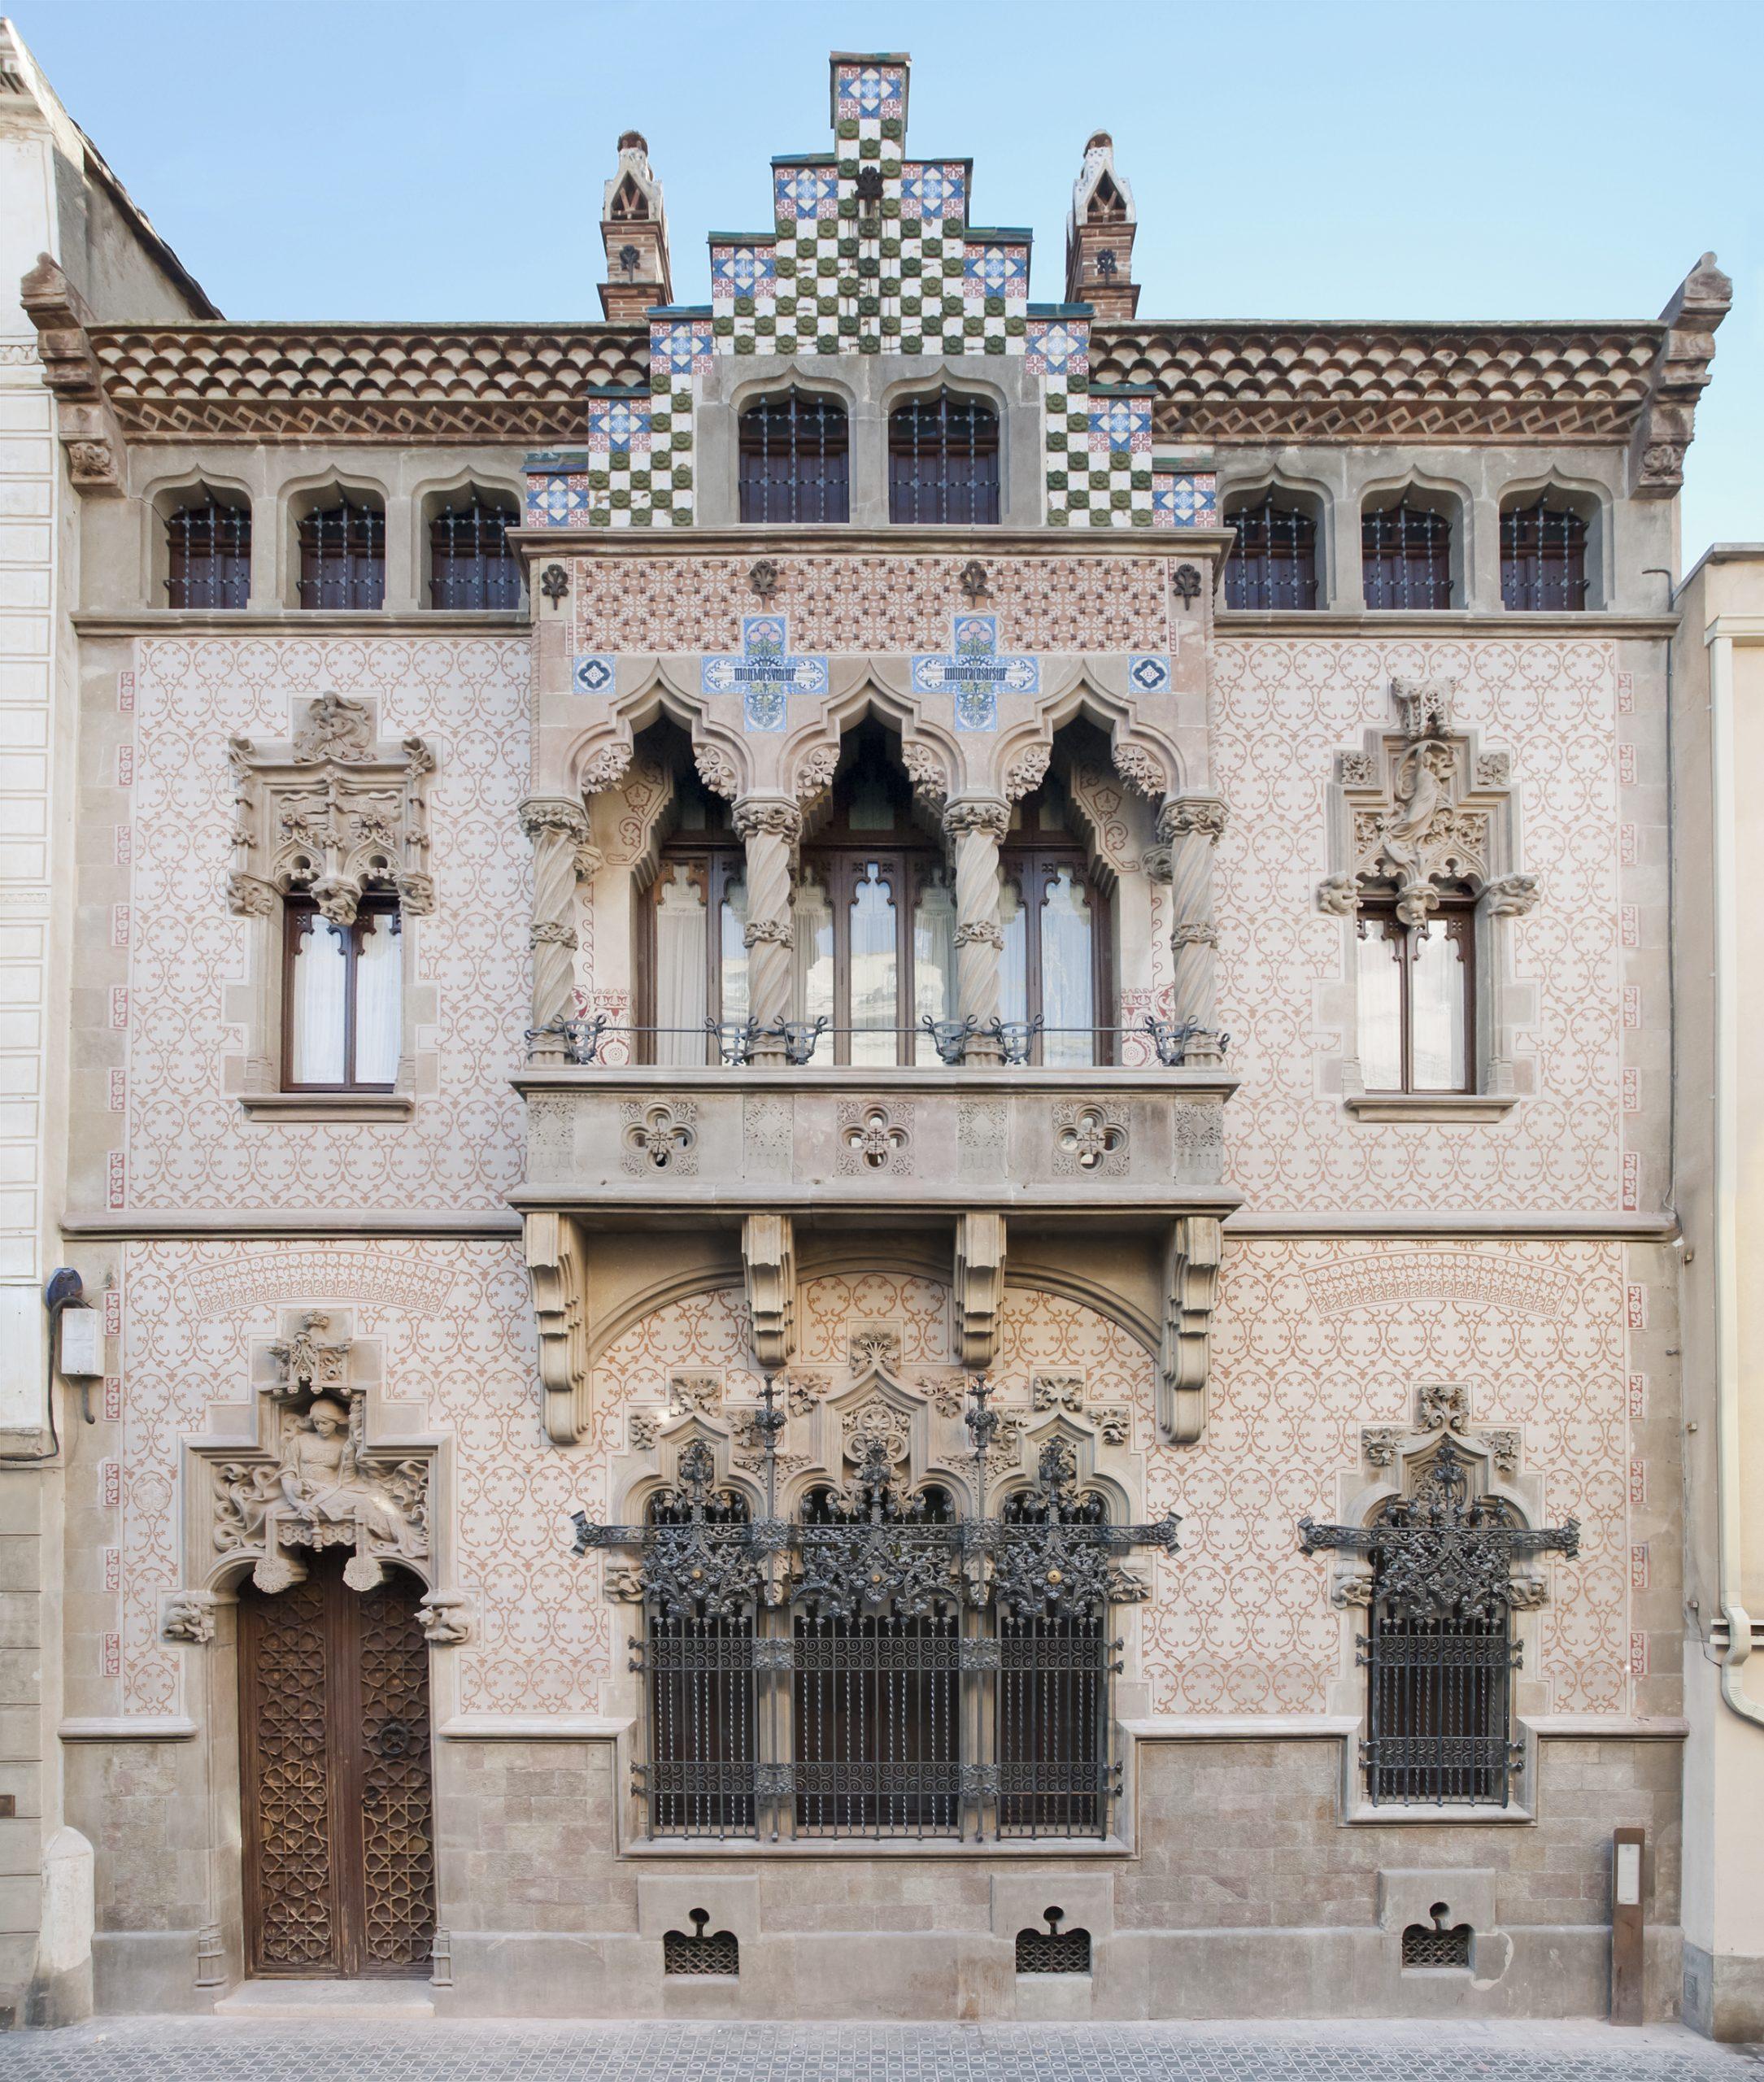 La Fundació Iluro Inaugura La Façana De La Casa Coll I Regàs, I Organitza La Primera Jornada De Portes Obertes